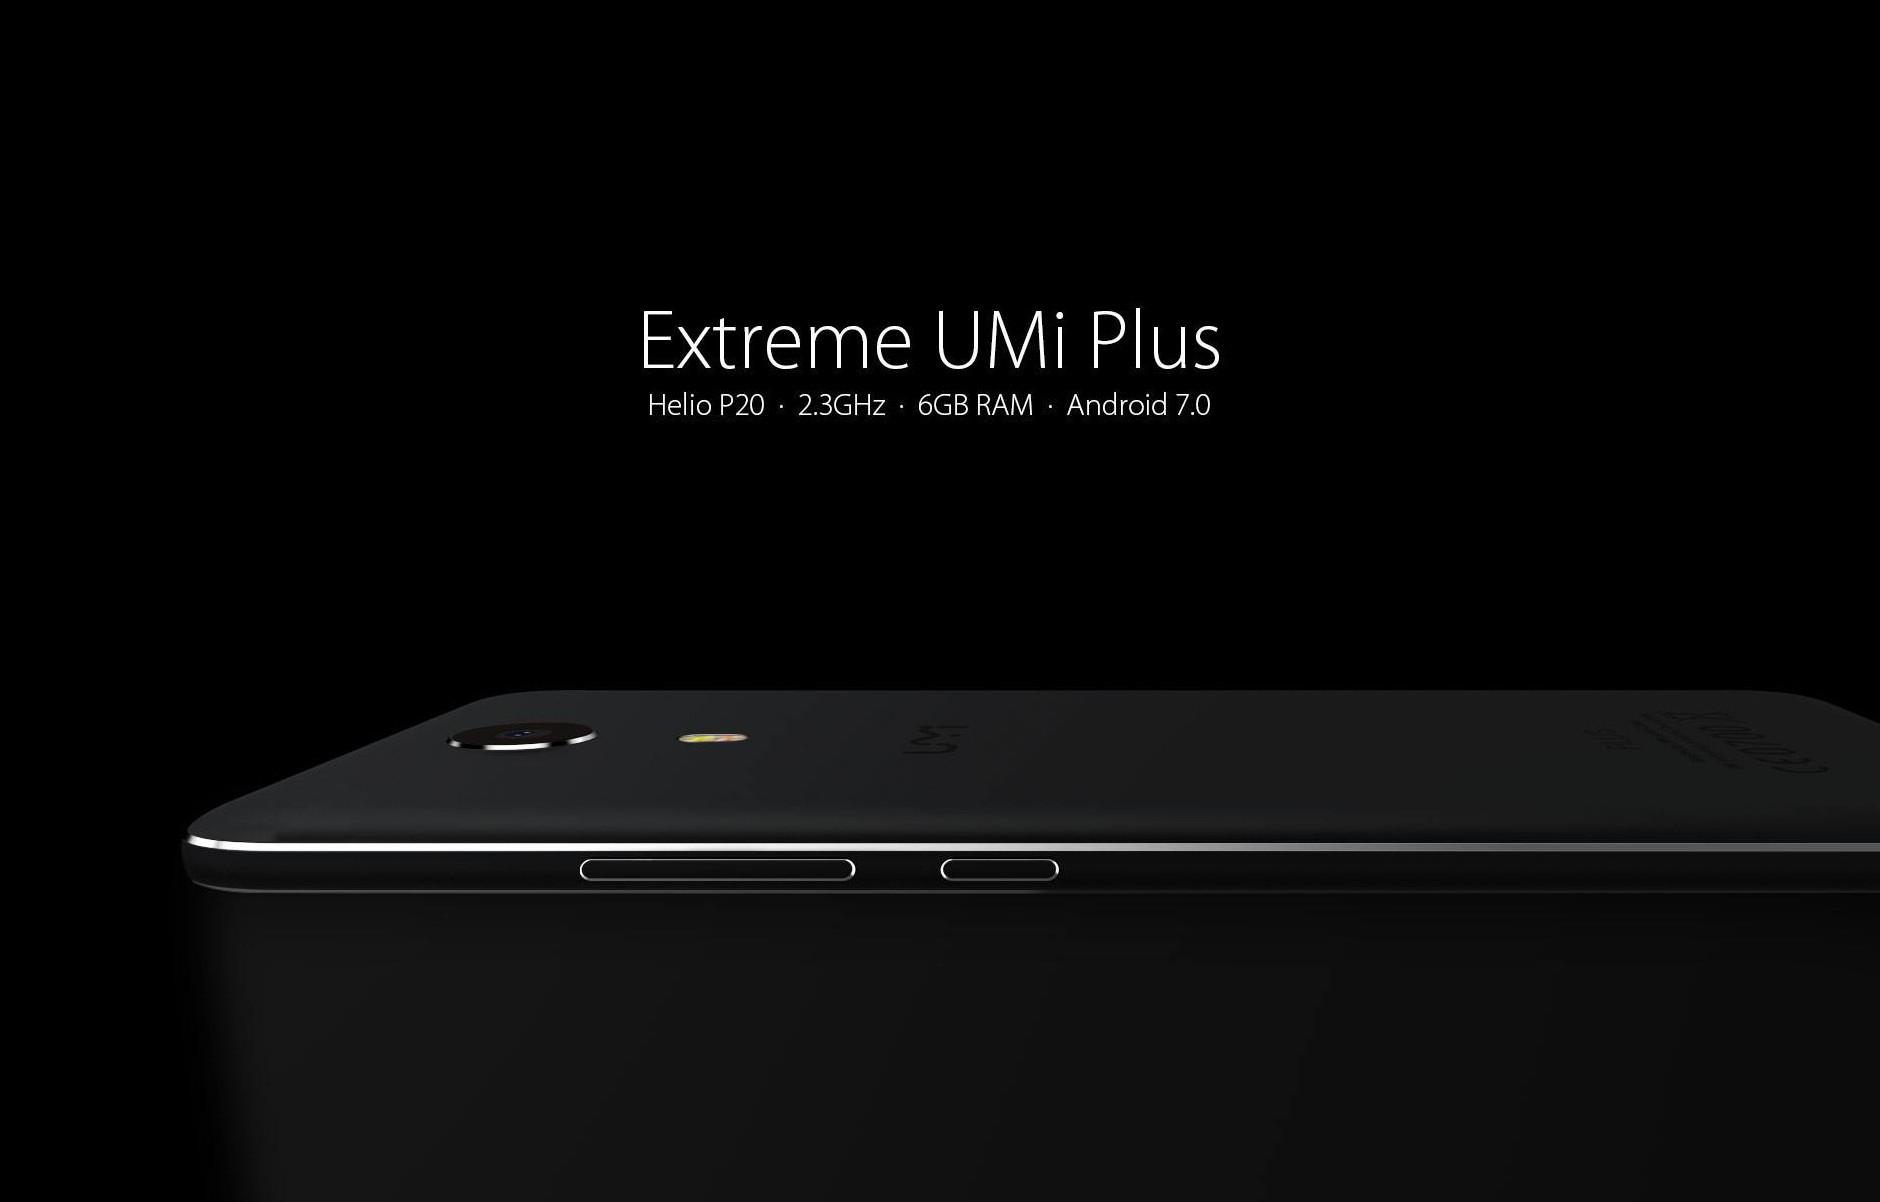 Umi Plus Extreme: Les premières révélations